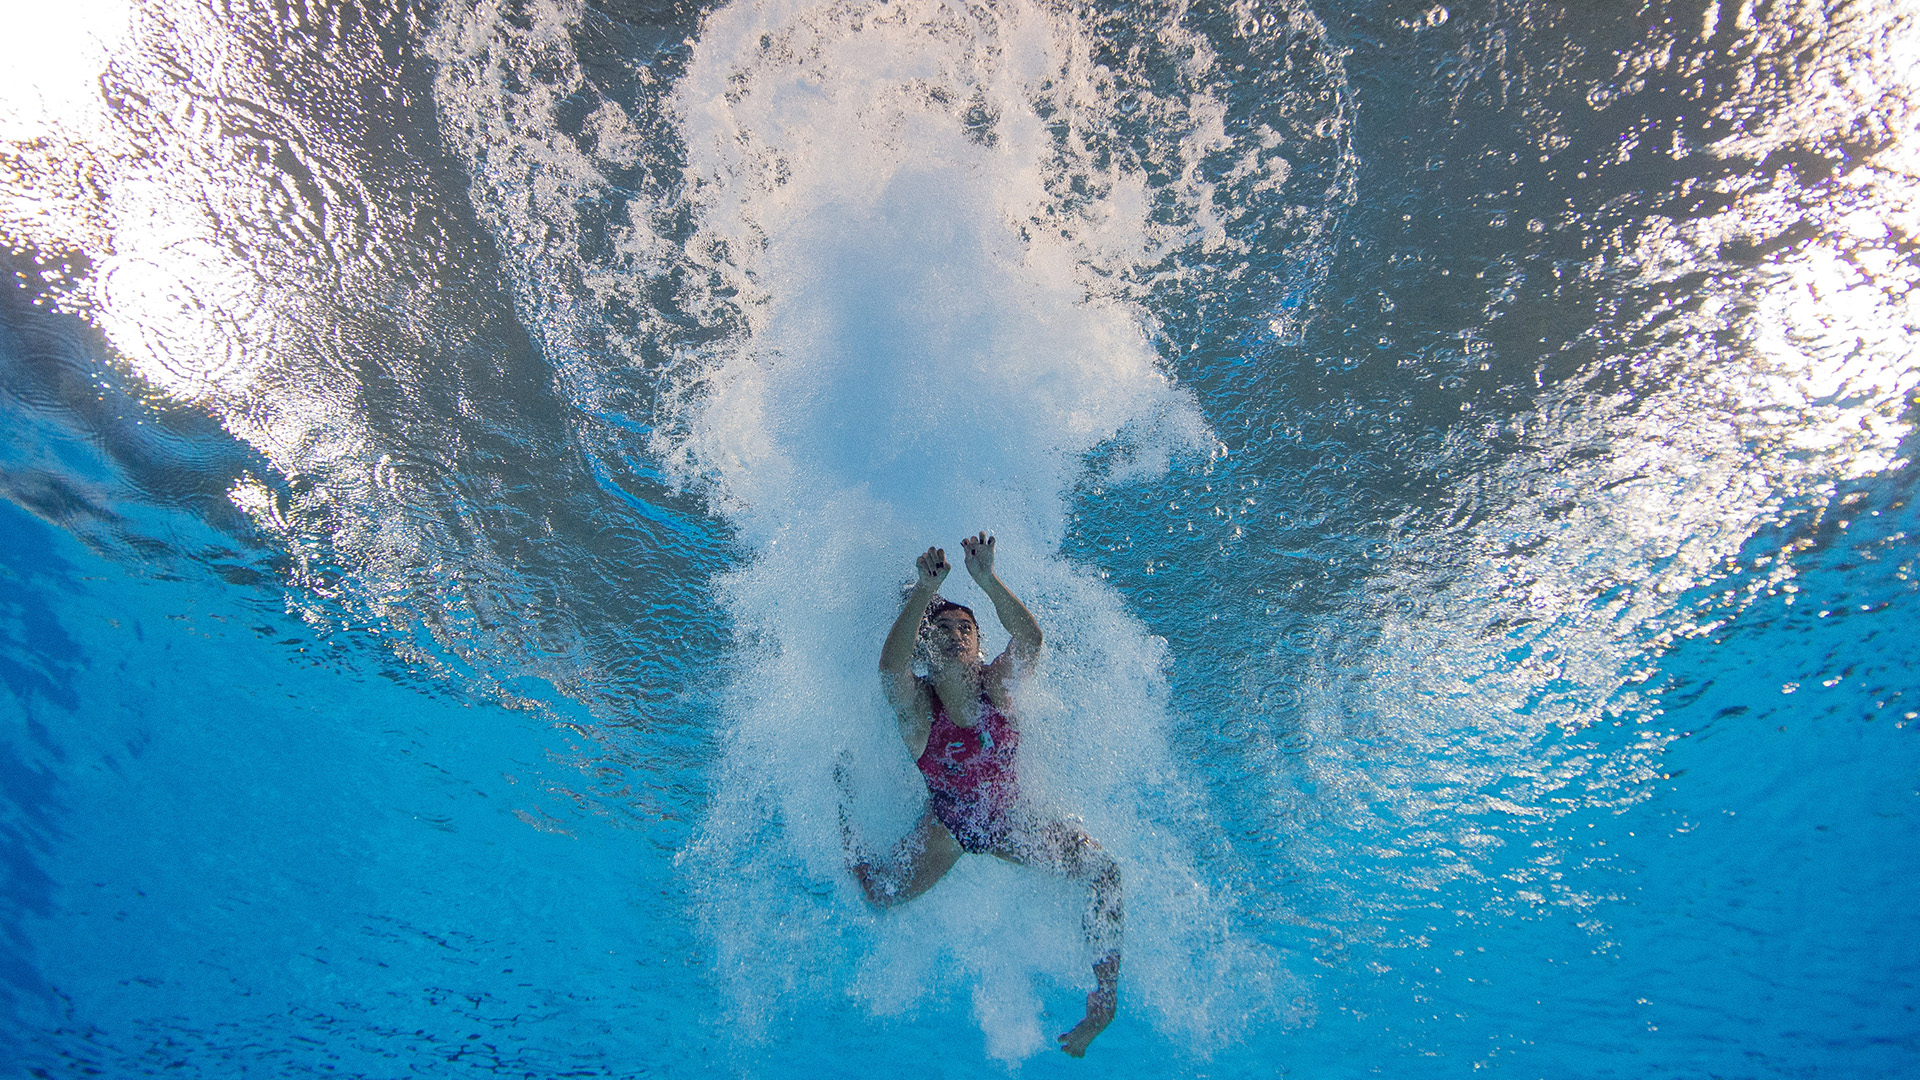 La mexicana Gabriela Belem Agundes Garciaen acción durante su prueba en el natatorio del Parque Olímpico (Foto:REUTERS)